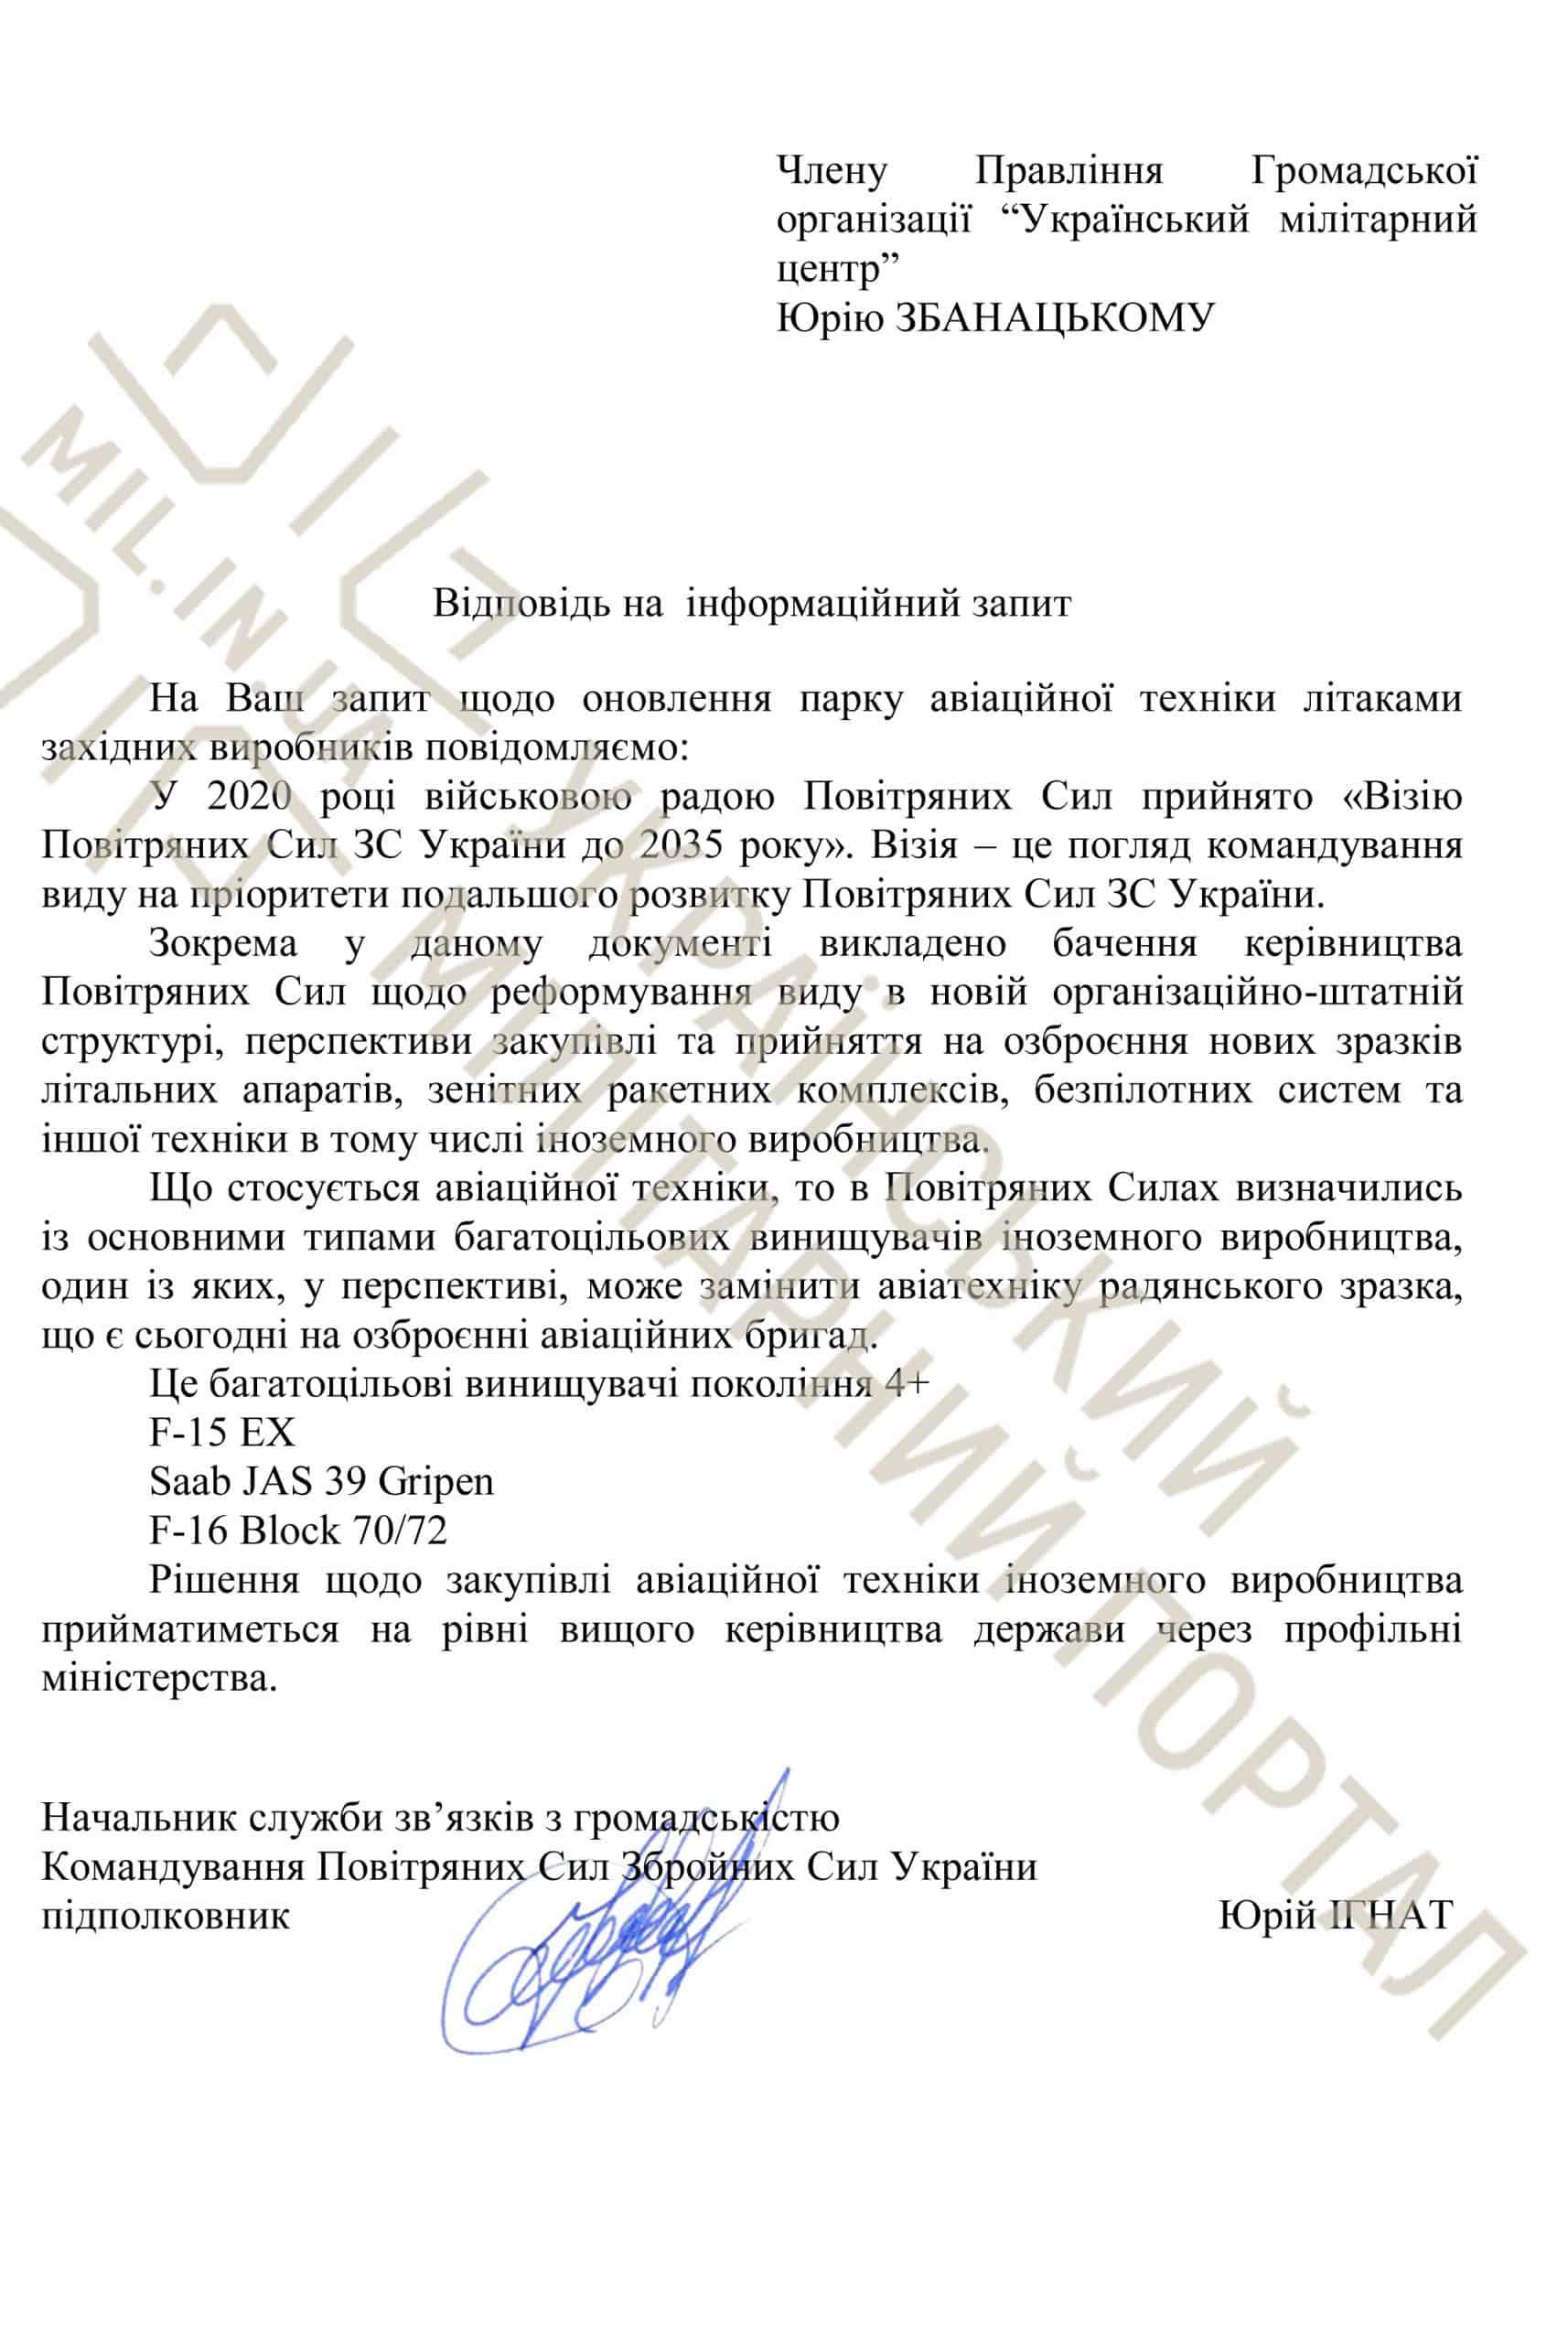 Відповідь на запит Українського мілітарного центру